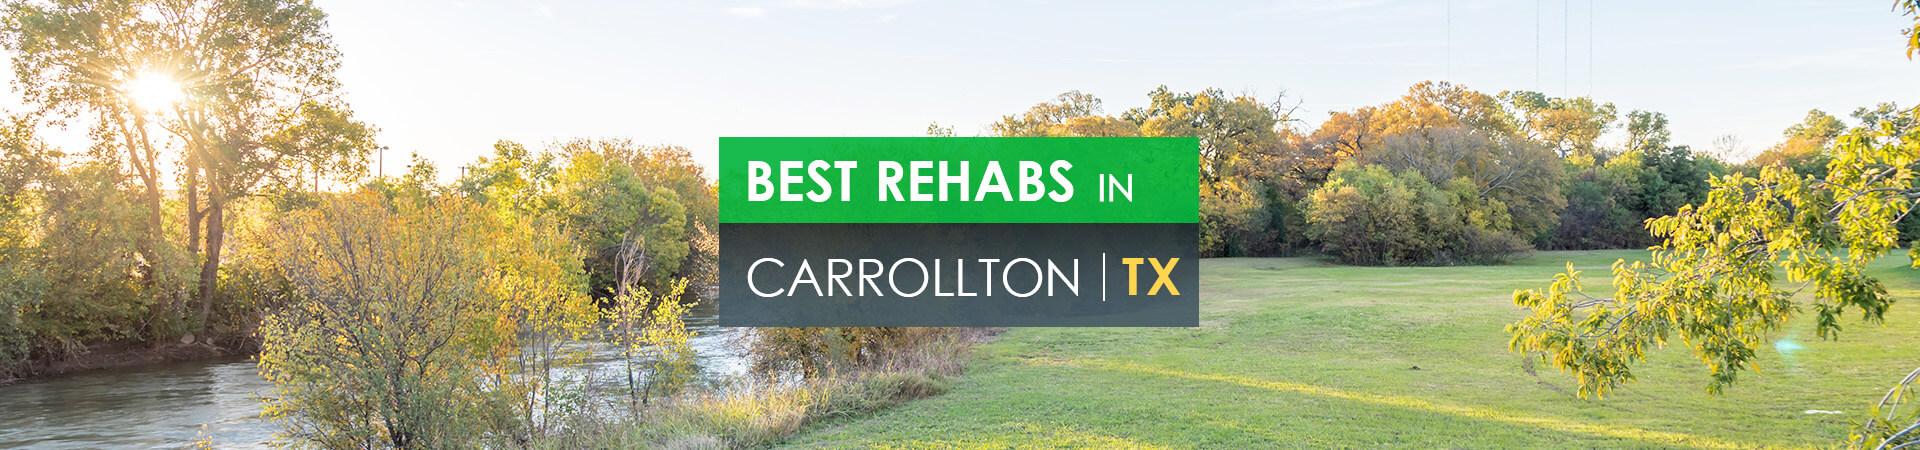 Best rehabs in Carrollton, TX